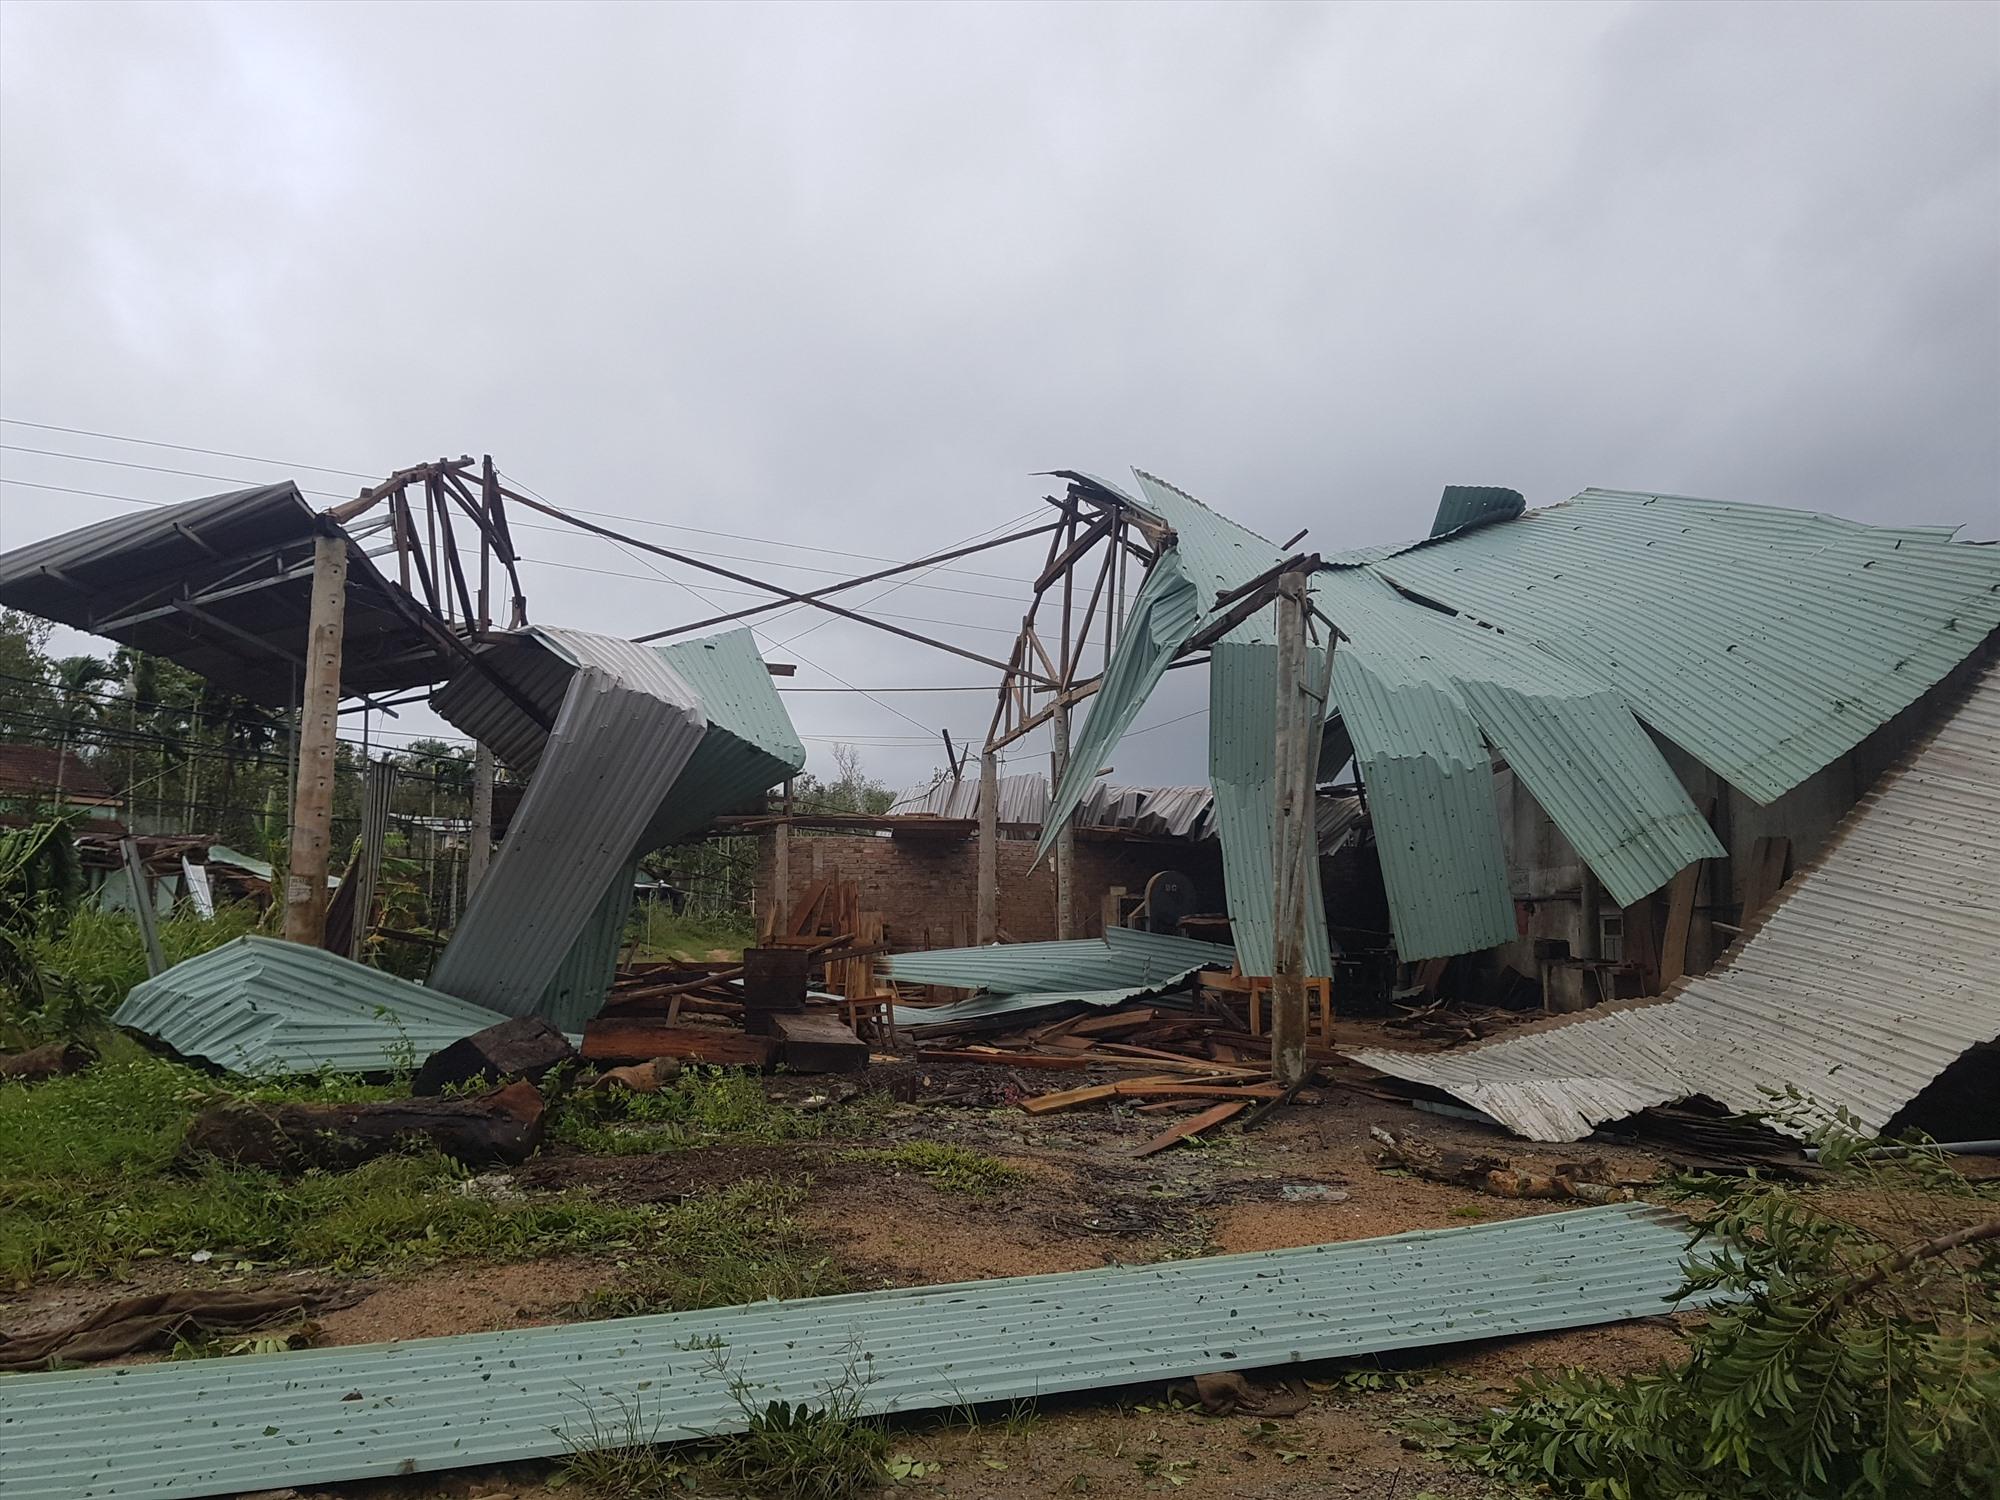 Bão số 9 làm tốc mái, hư hỏng 2.000 nhà trên địa bàn huyện Tiên Phước. Ảnh: DIỄM LỆ